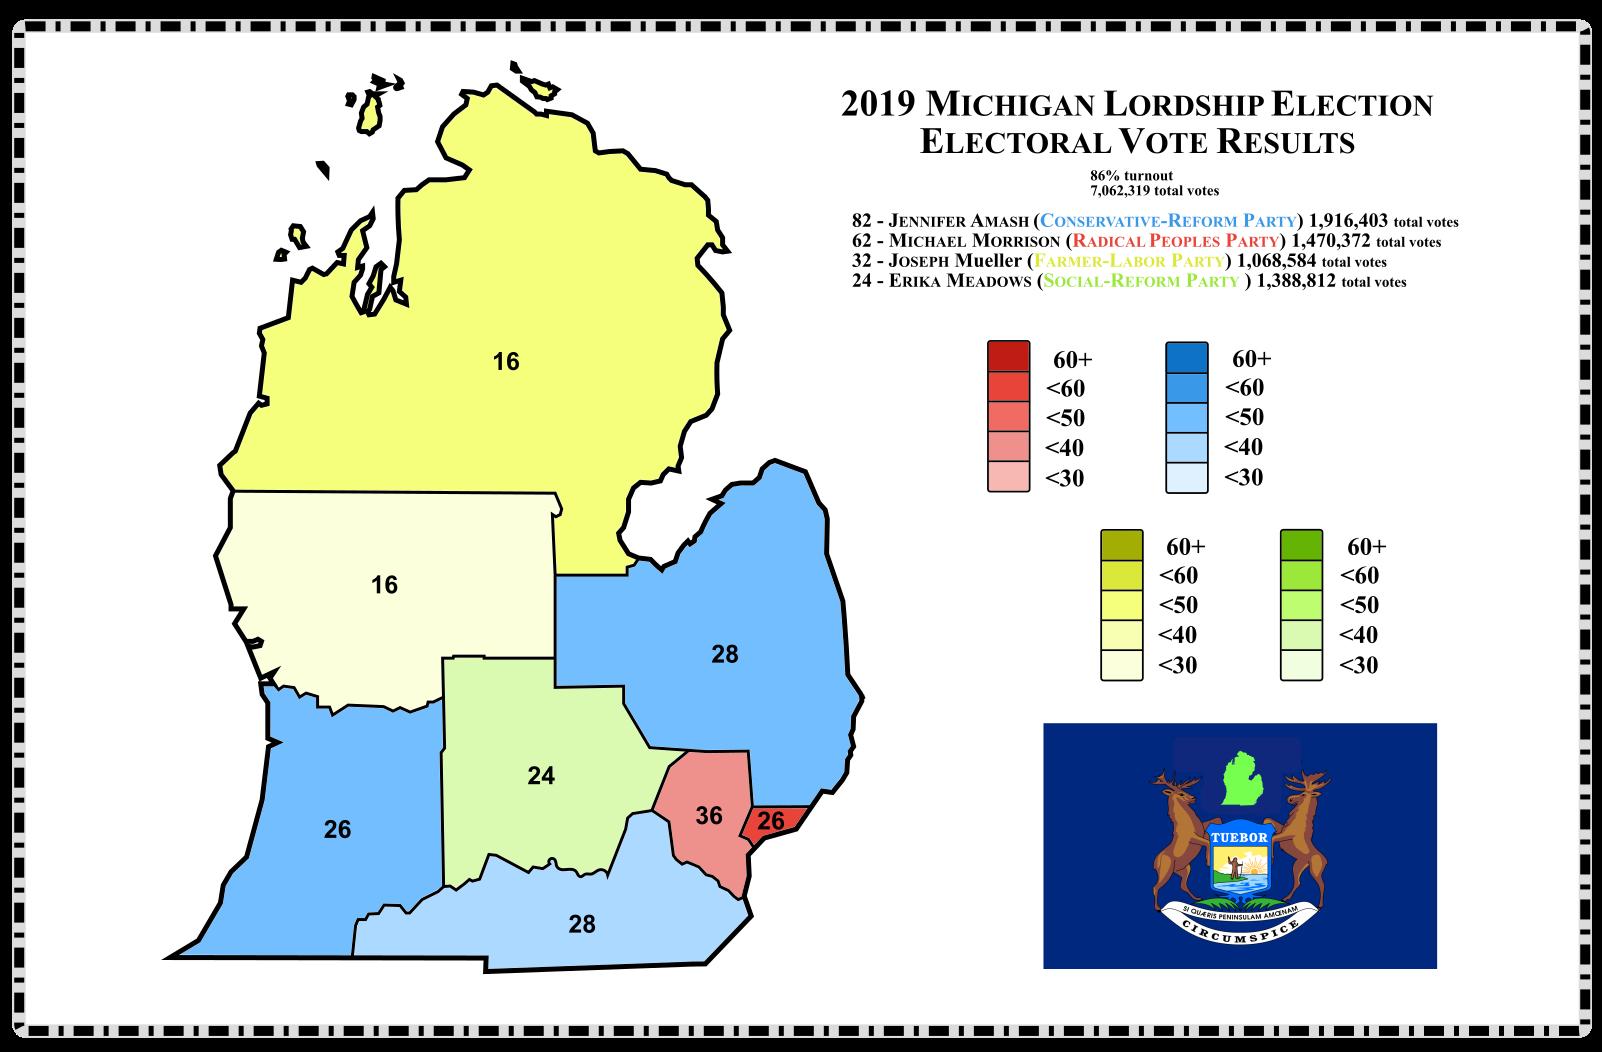 2019michiganlordshipmap.png